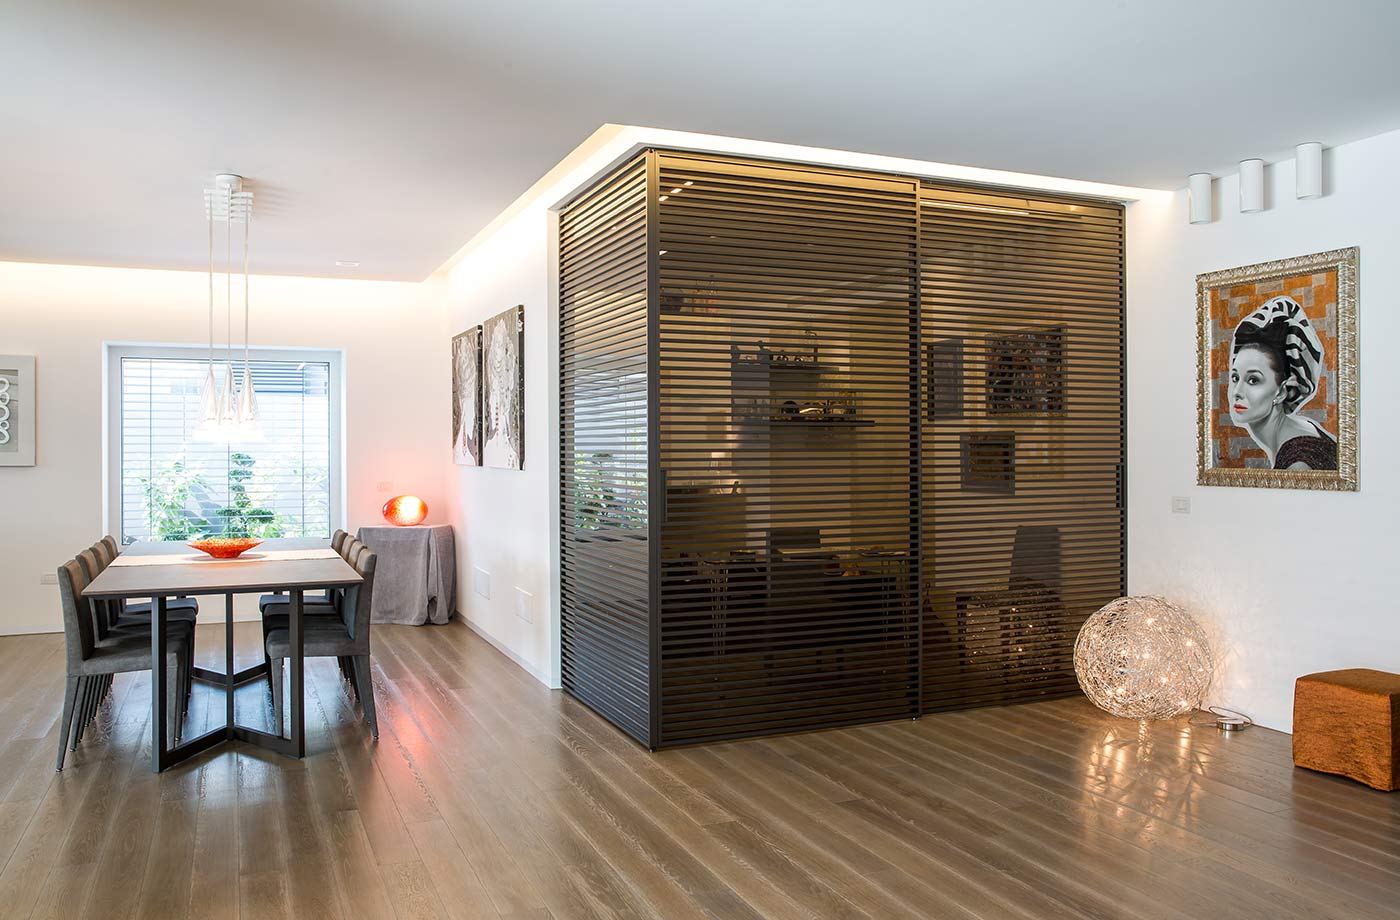 Un'abitazione da vivere 24 ore al giorno: le nuove esigenze di chi costruisce casa oggi